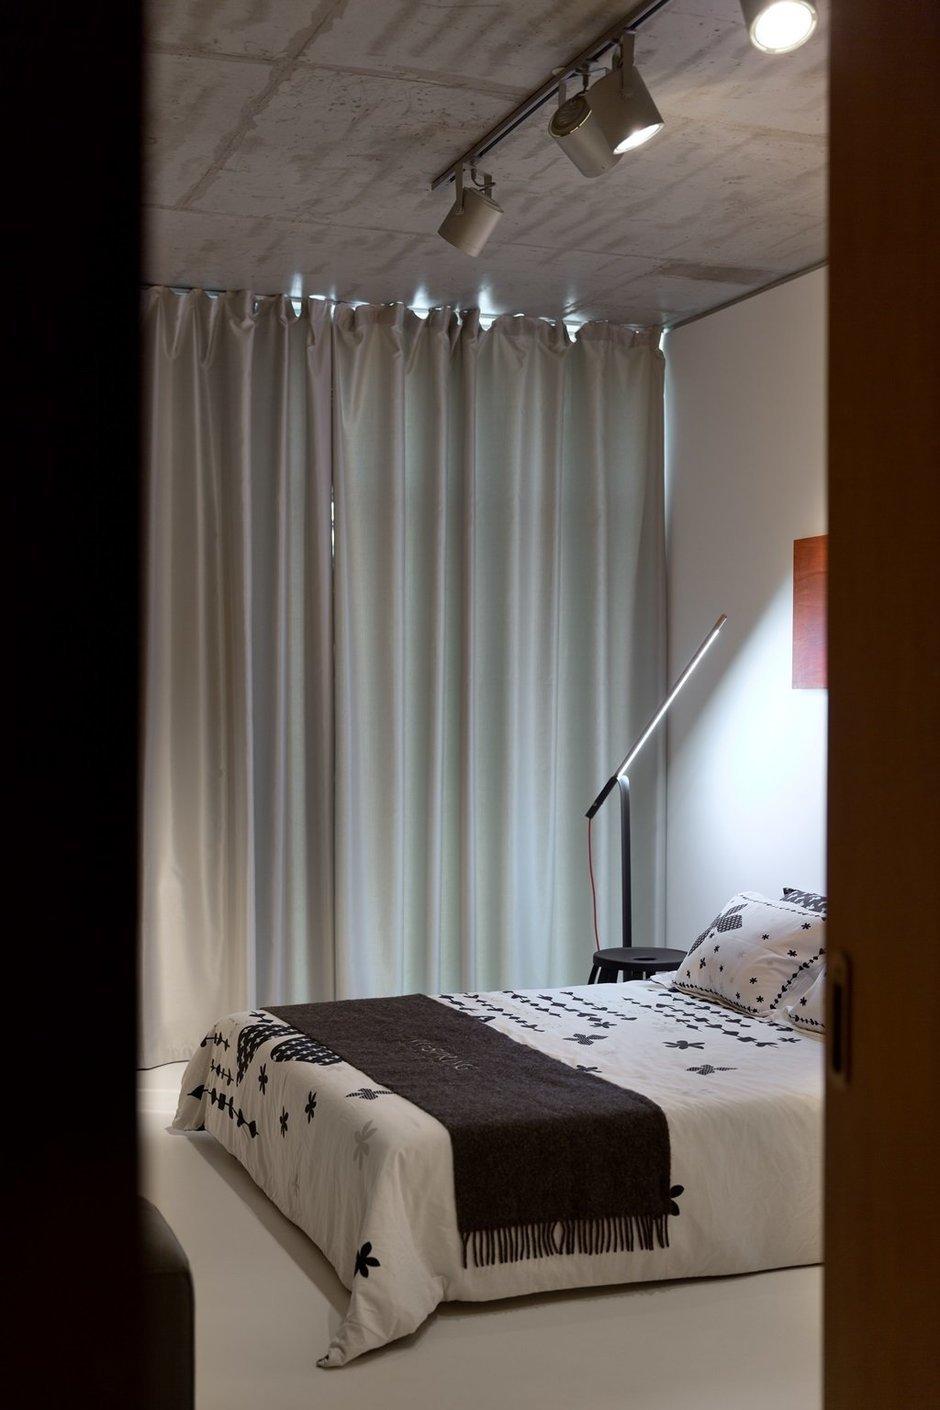 Фотография: Спальня в стиле Лофт, Современный, Малогабаритная квартира, Квартира, Украина, Дома и квартиры – фото на InMyRoom.ru